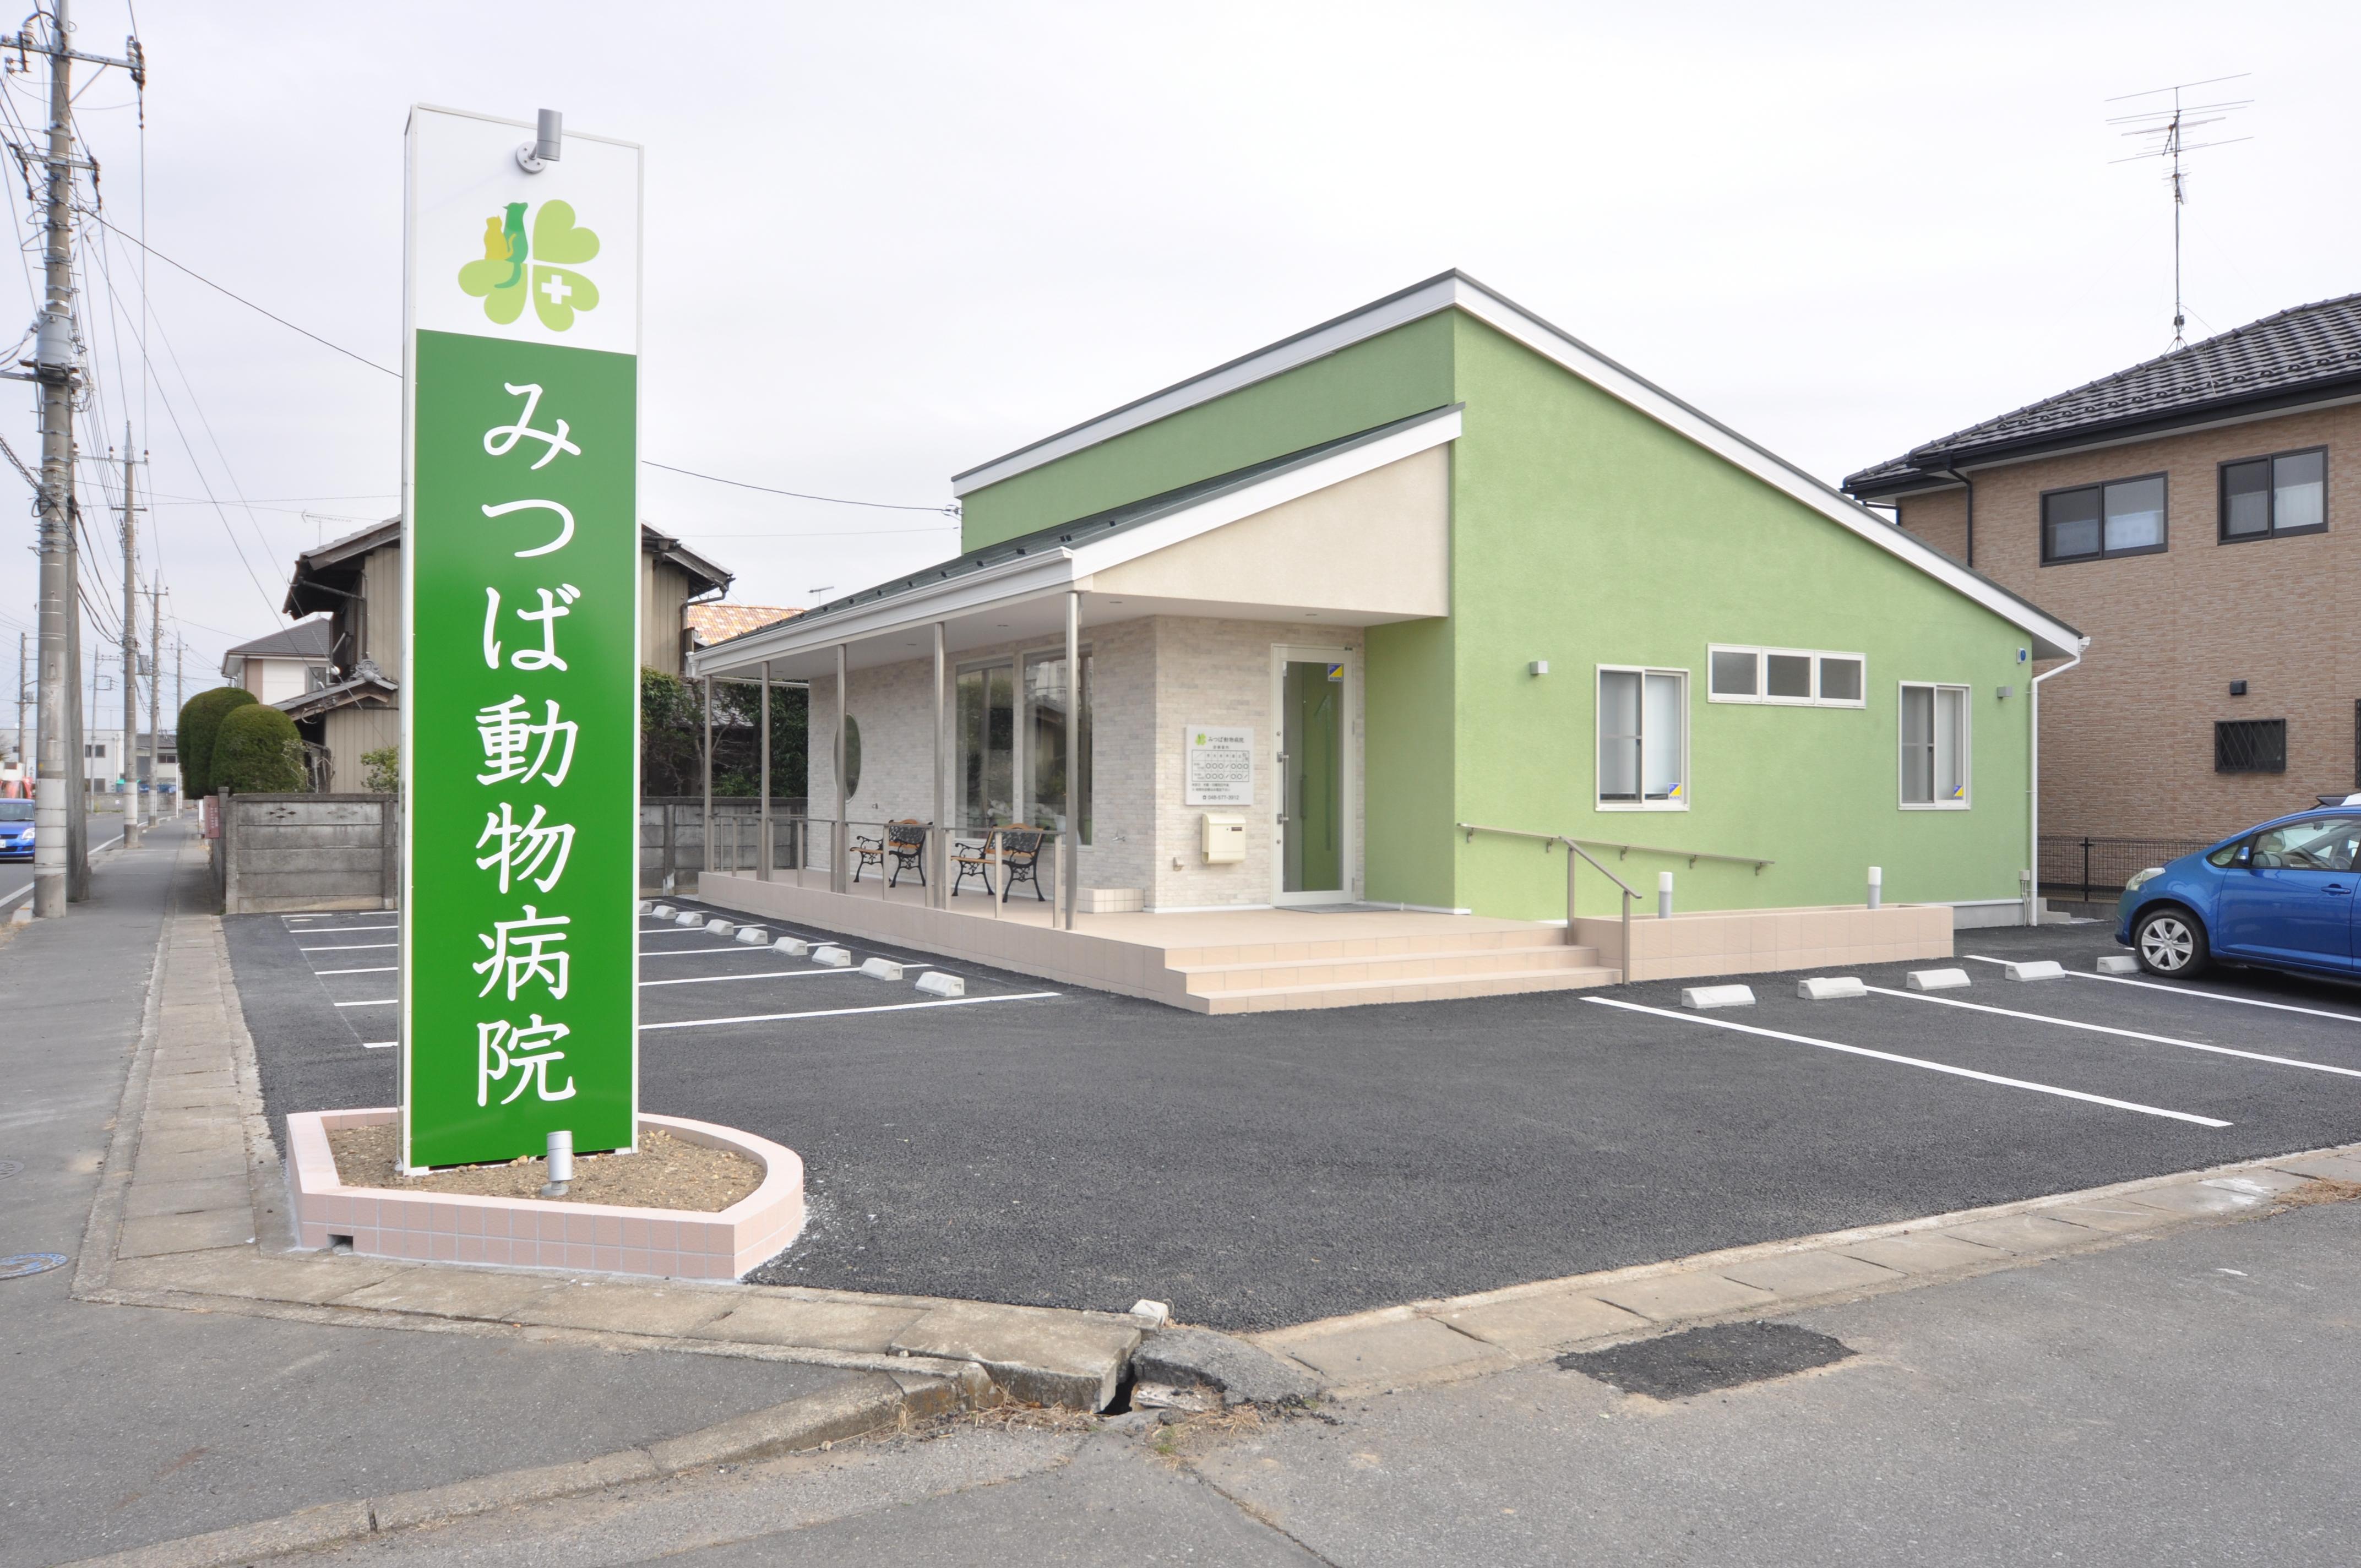 羽生市の動物病院、トリマーを募集